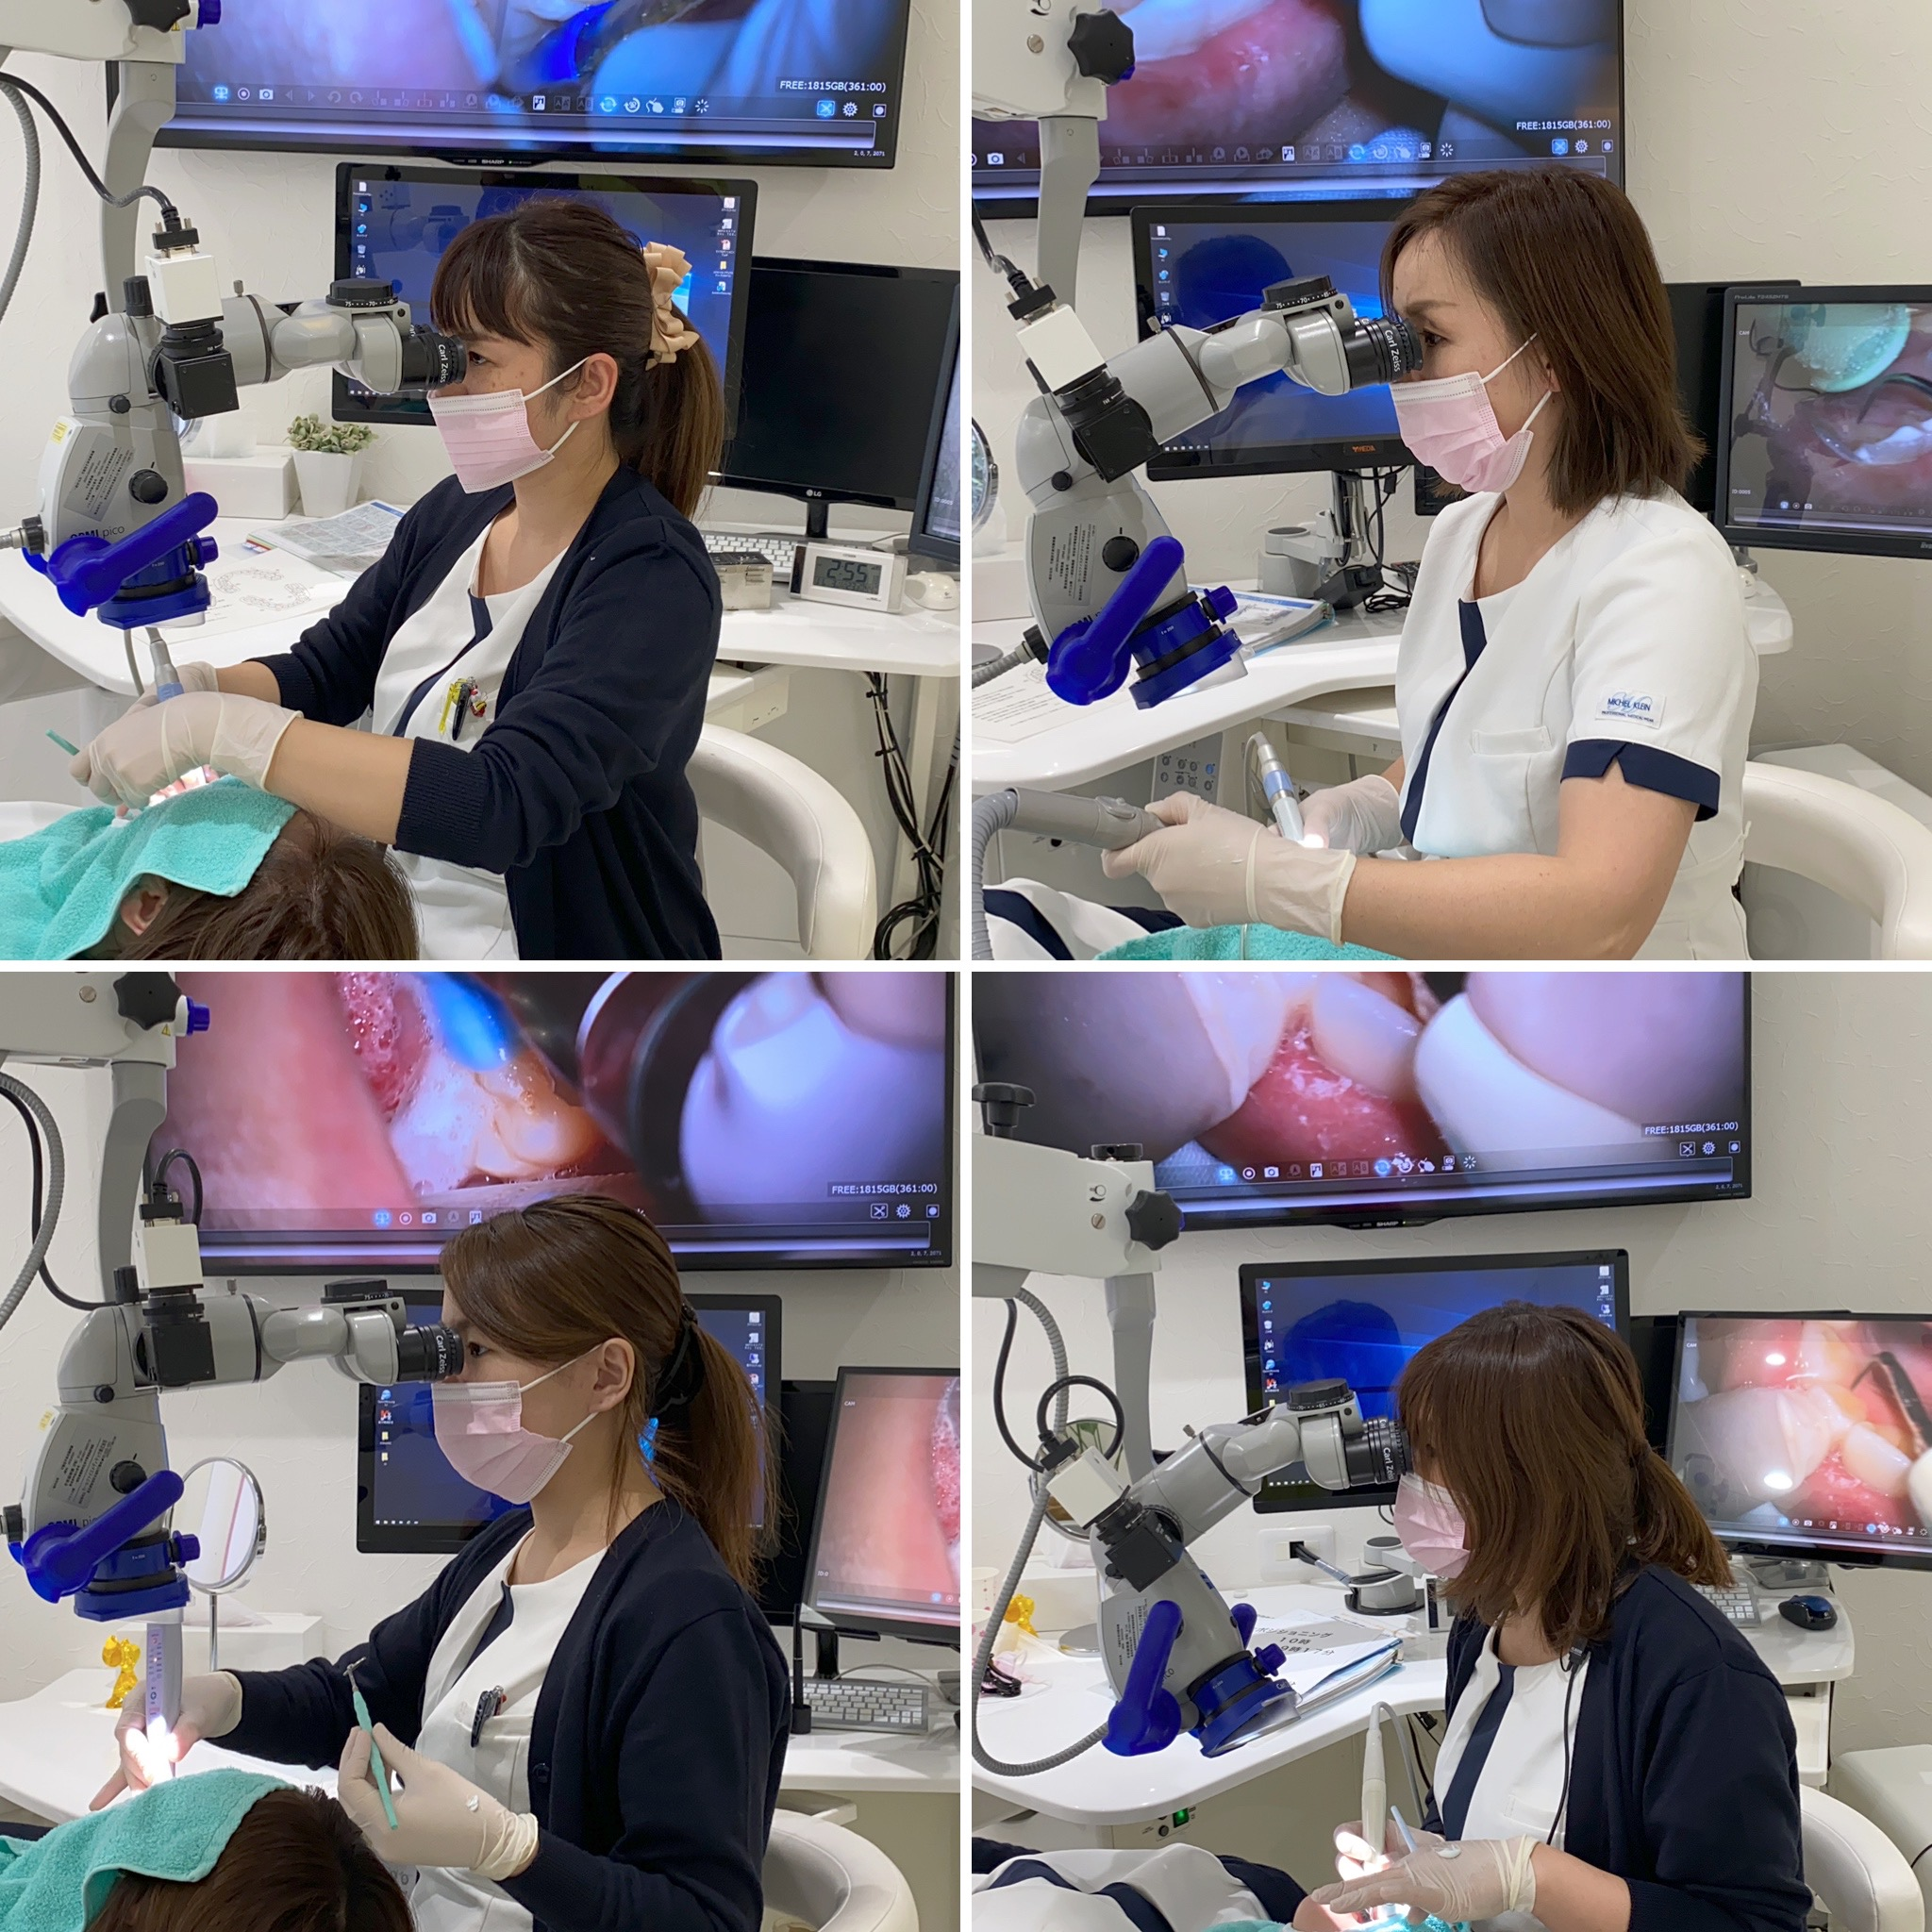 生月 歯医者 歯科衛生士 予防 手術用顕微鏡 マイクロスコープ 秋山先生 直視 1